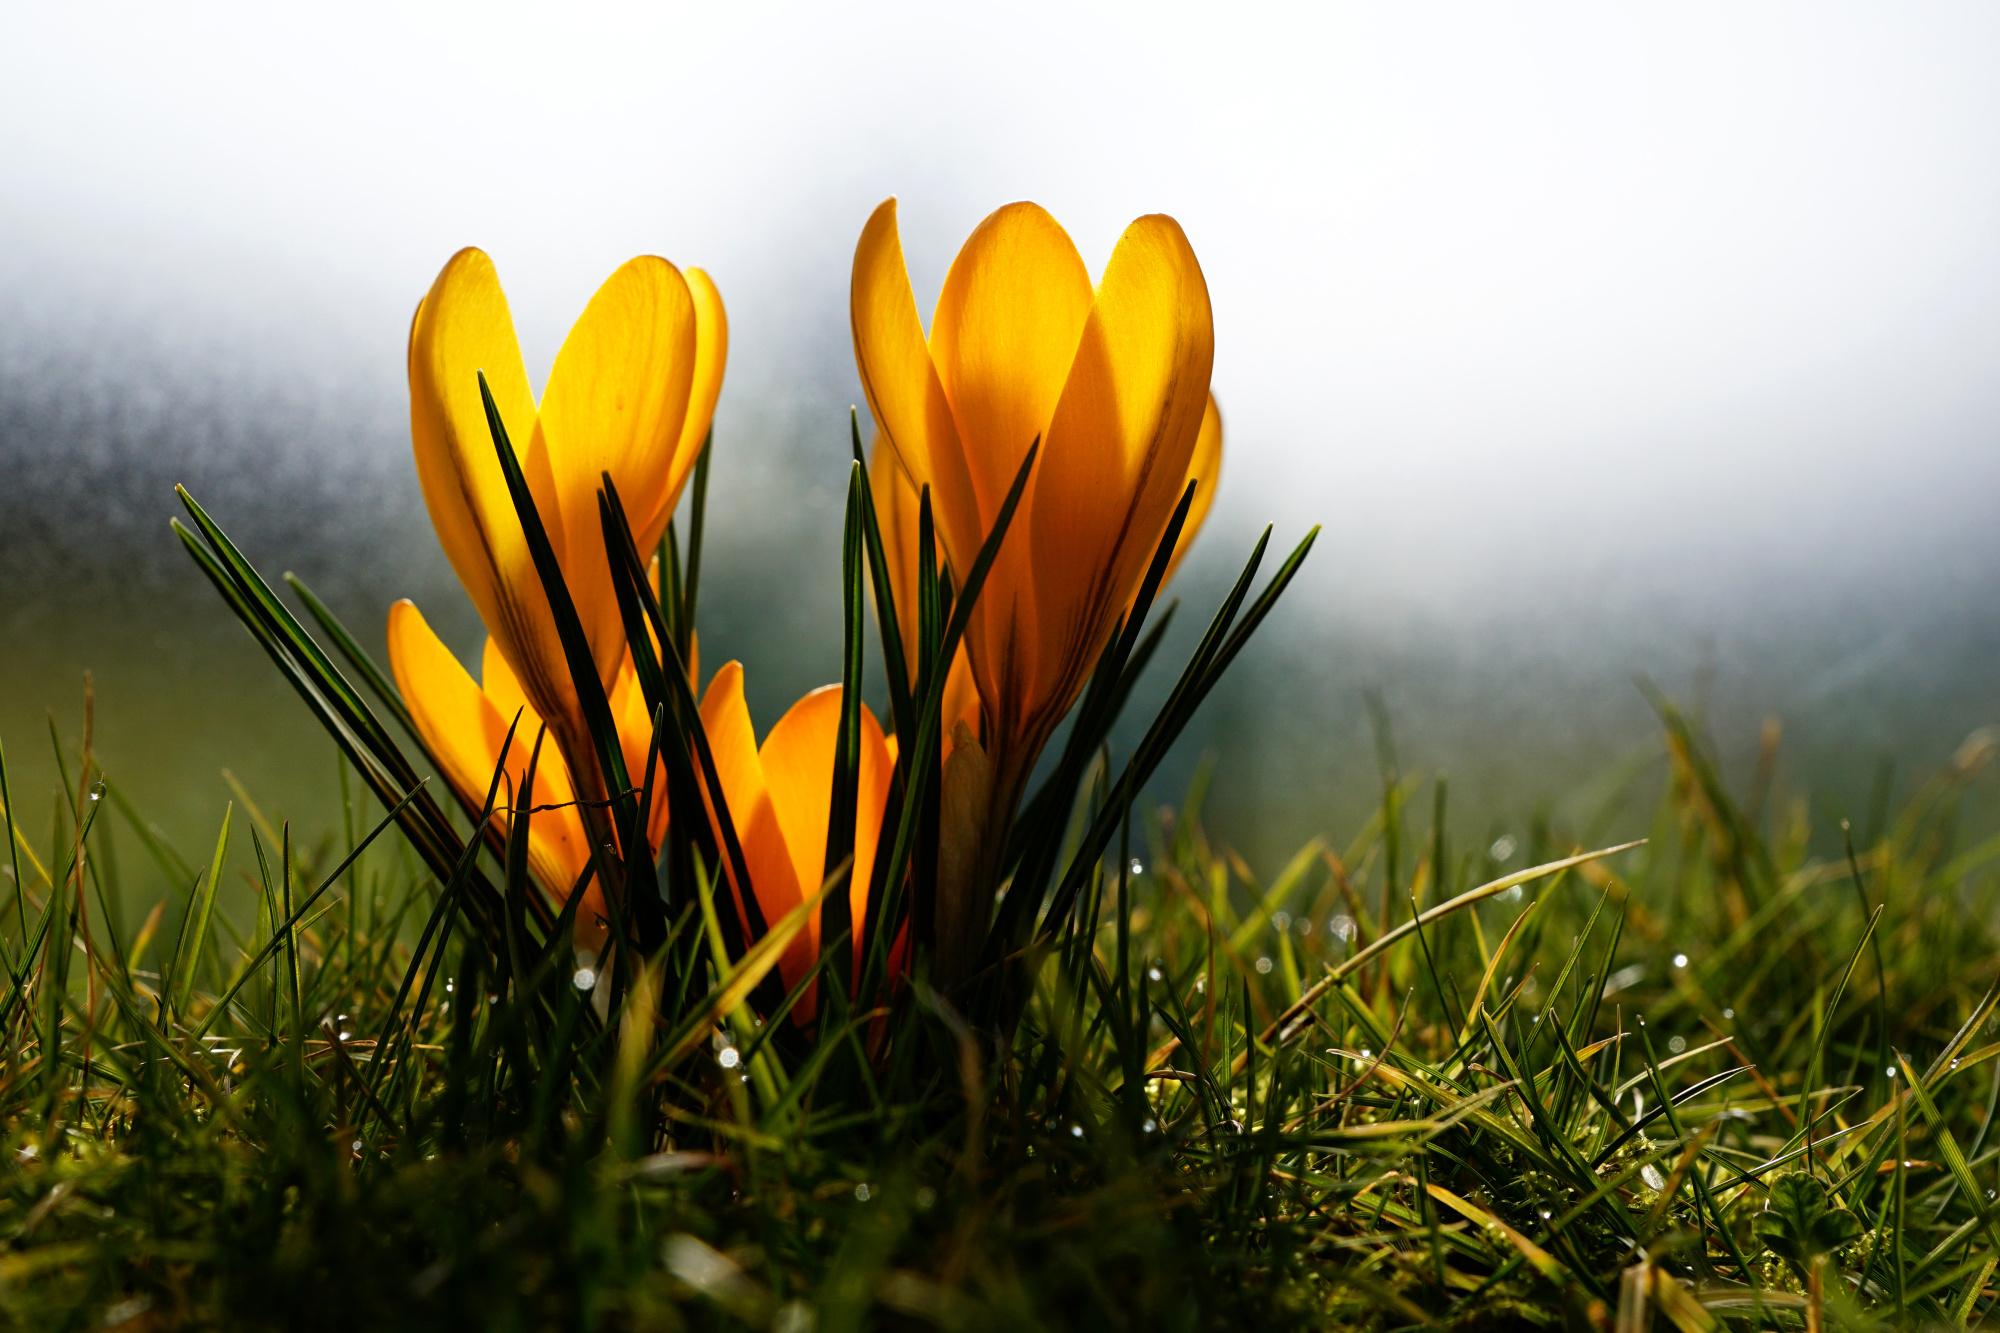 Krokusse in Niederklütz – Gelbe Farbtupfer im heimischen Garten